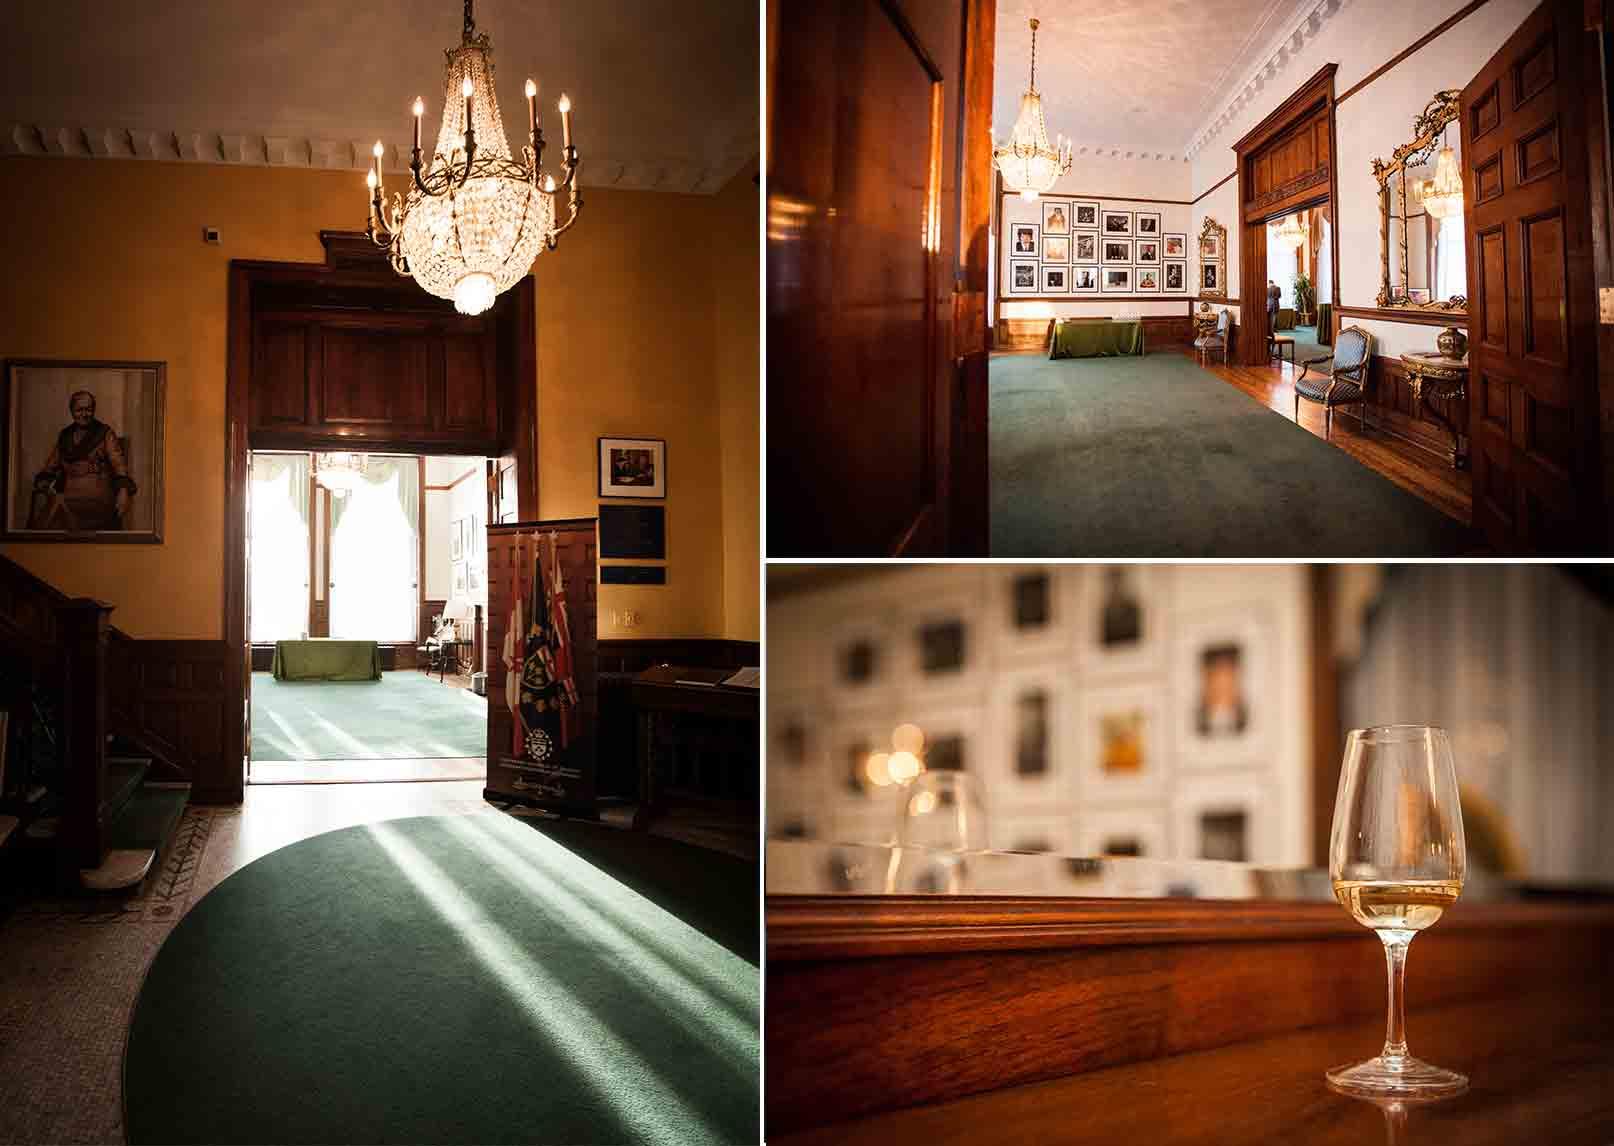 Queen's-Park-Wine-Awards_Dukat-Studios.jpg